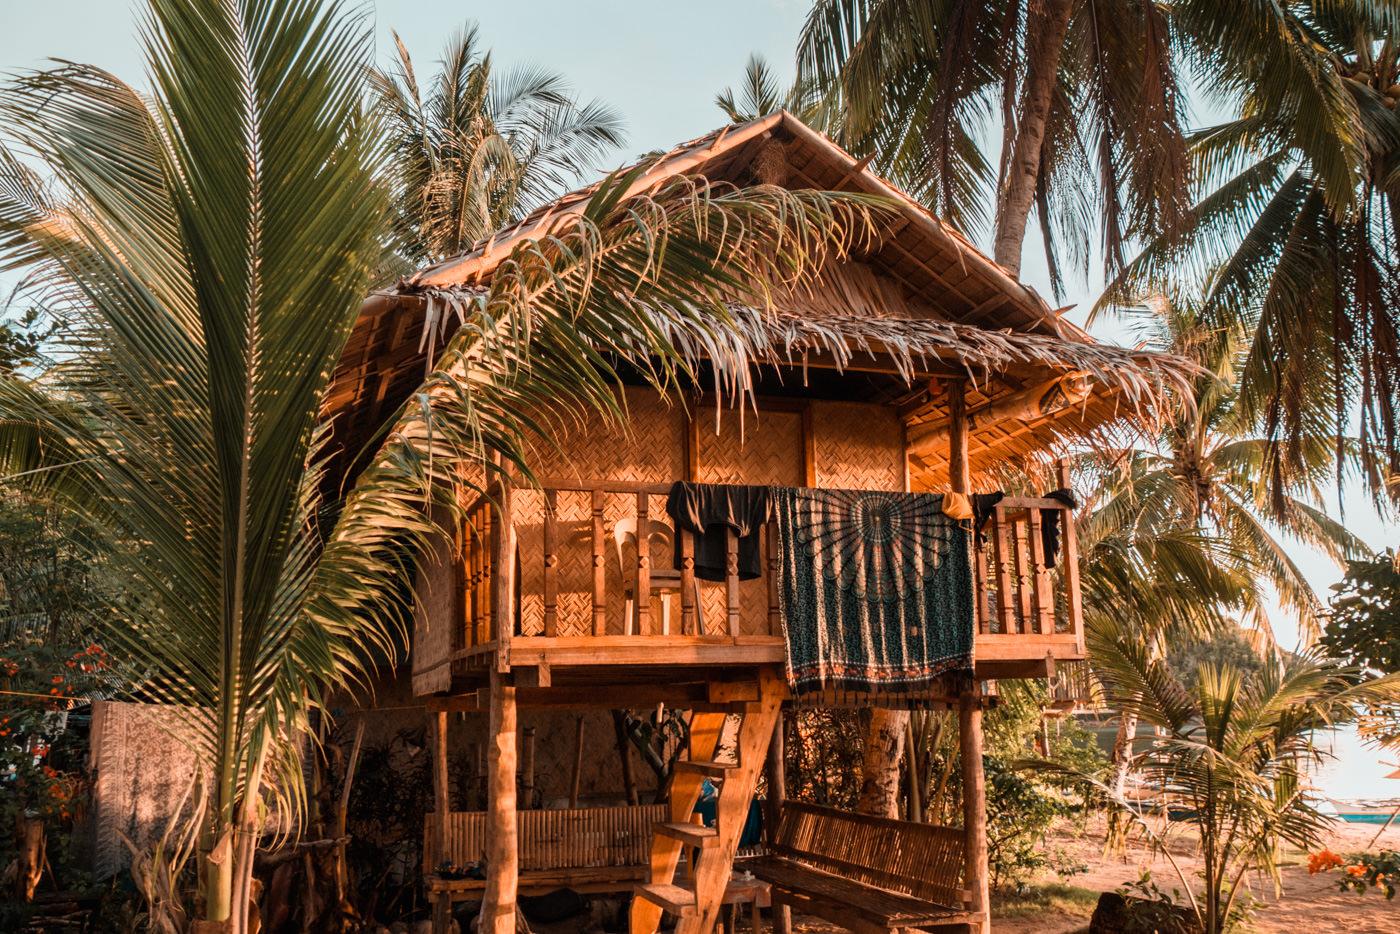 Unsere Hütte am Ocam Ocam Strand auf Busuanga